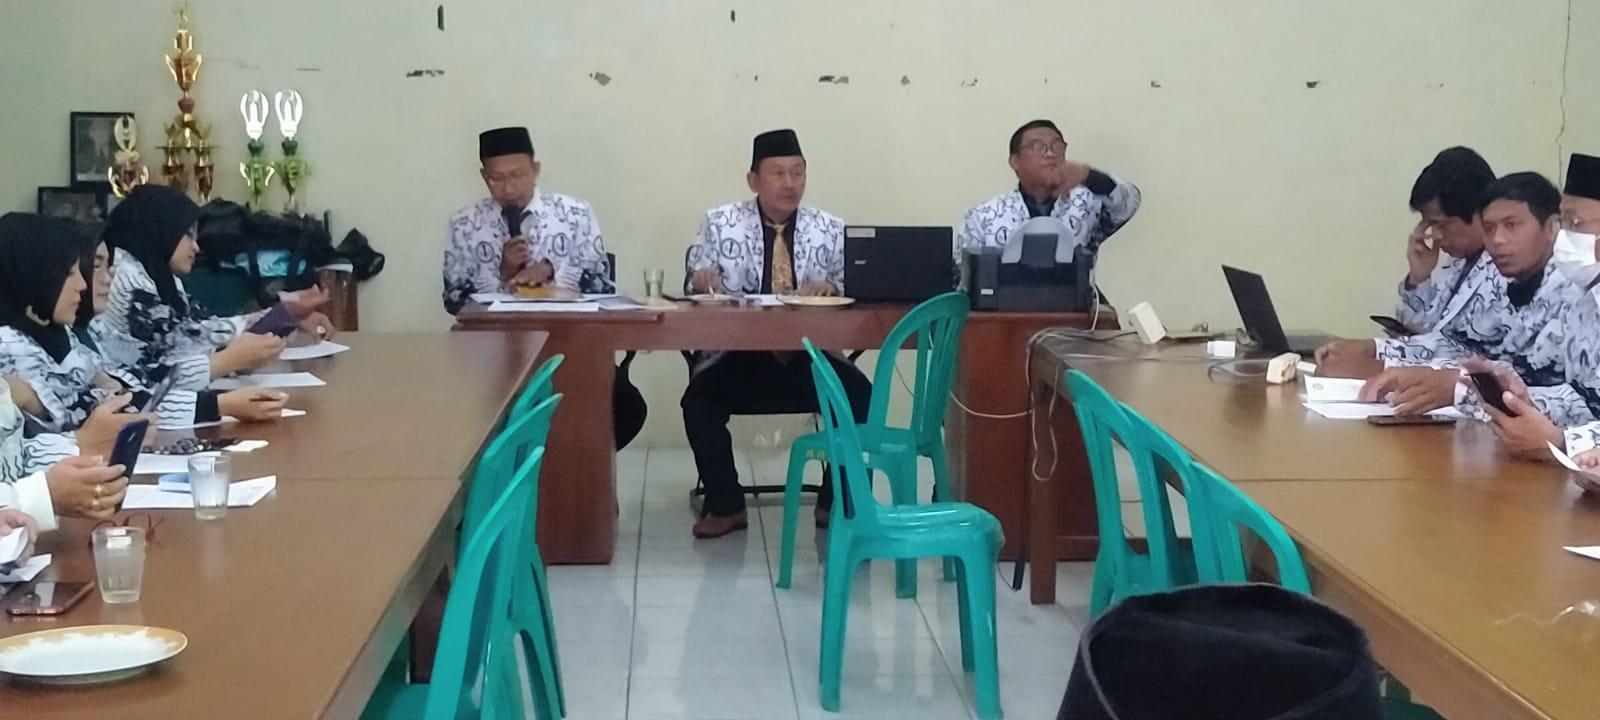 Rapat Pleno PGRI Cabang Cibinong